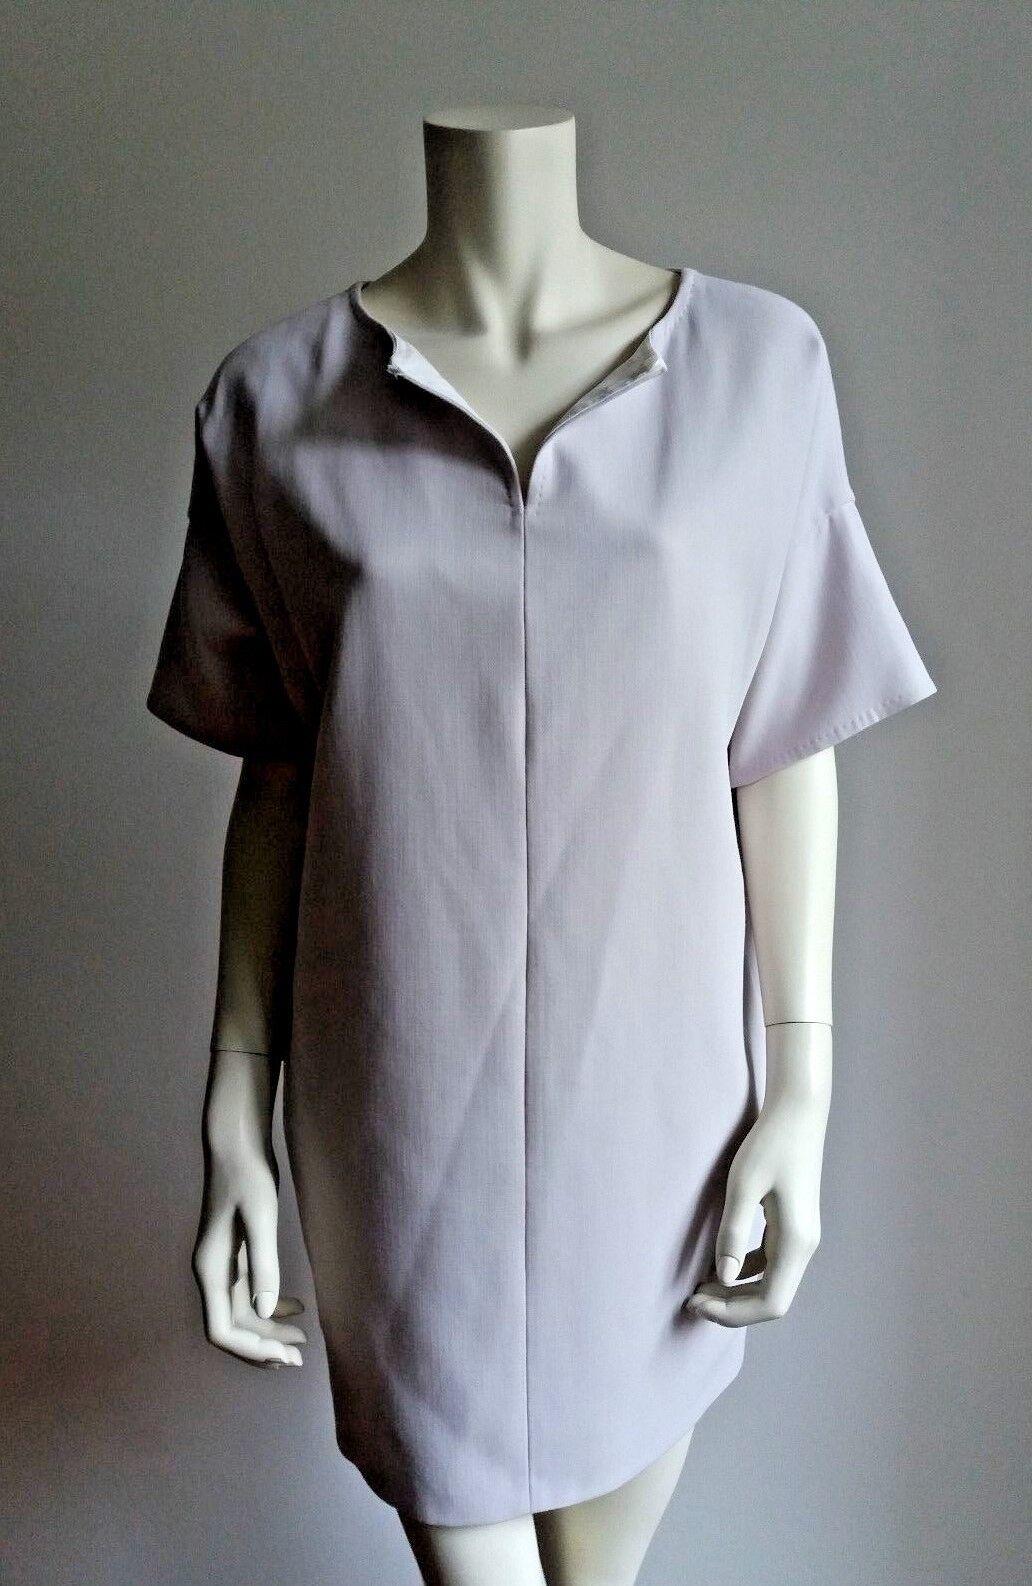 NewMAX MARA Virgin Wool Dress size 2 USA_4 GB_ 36 I_ 32 D_ 34 F